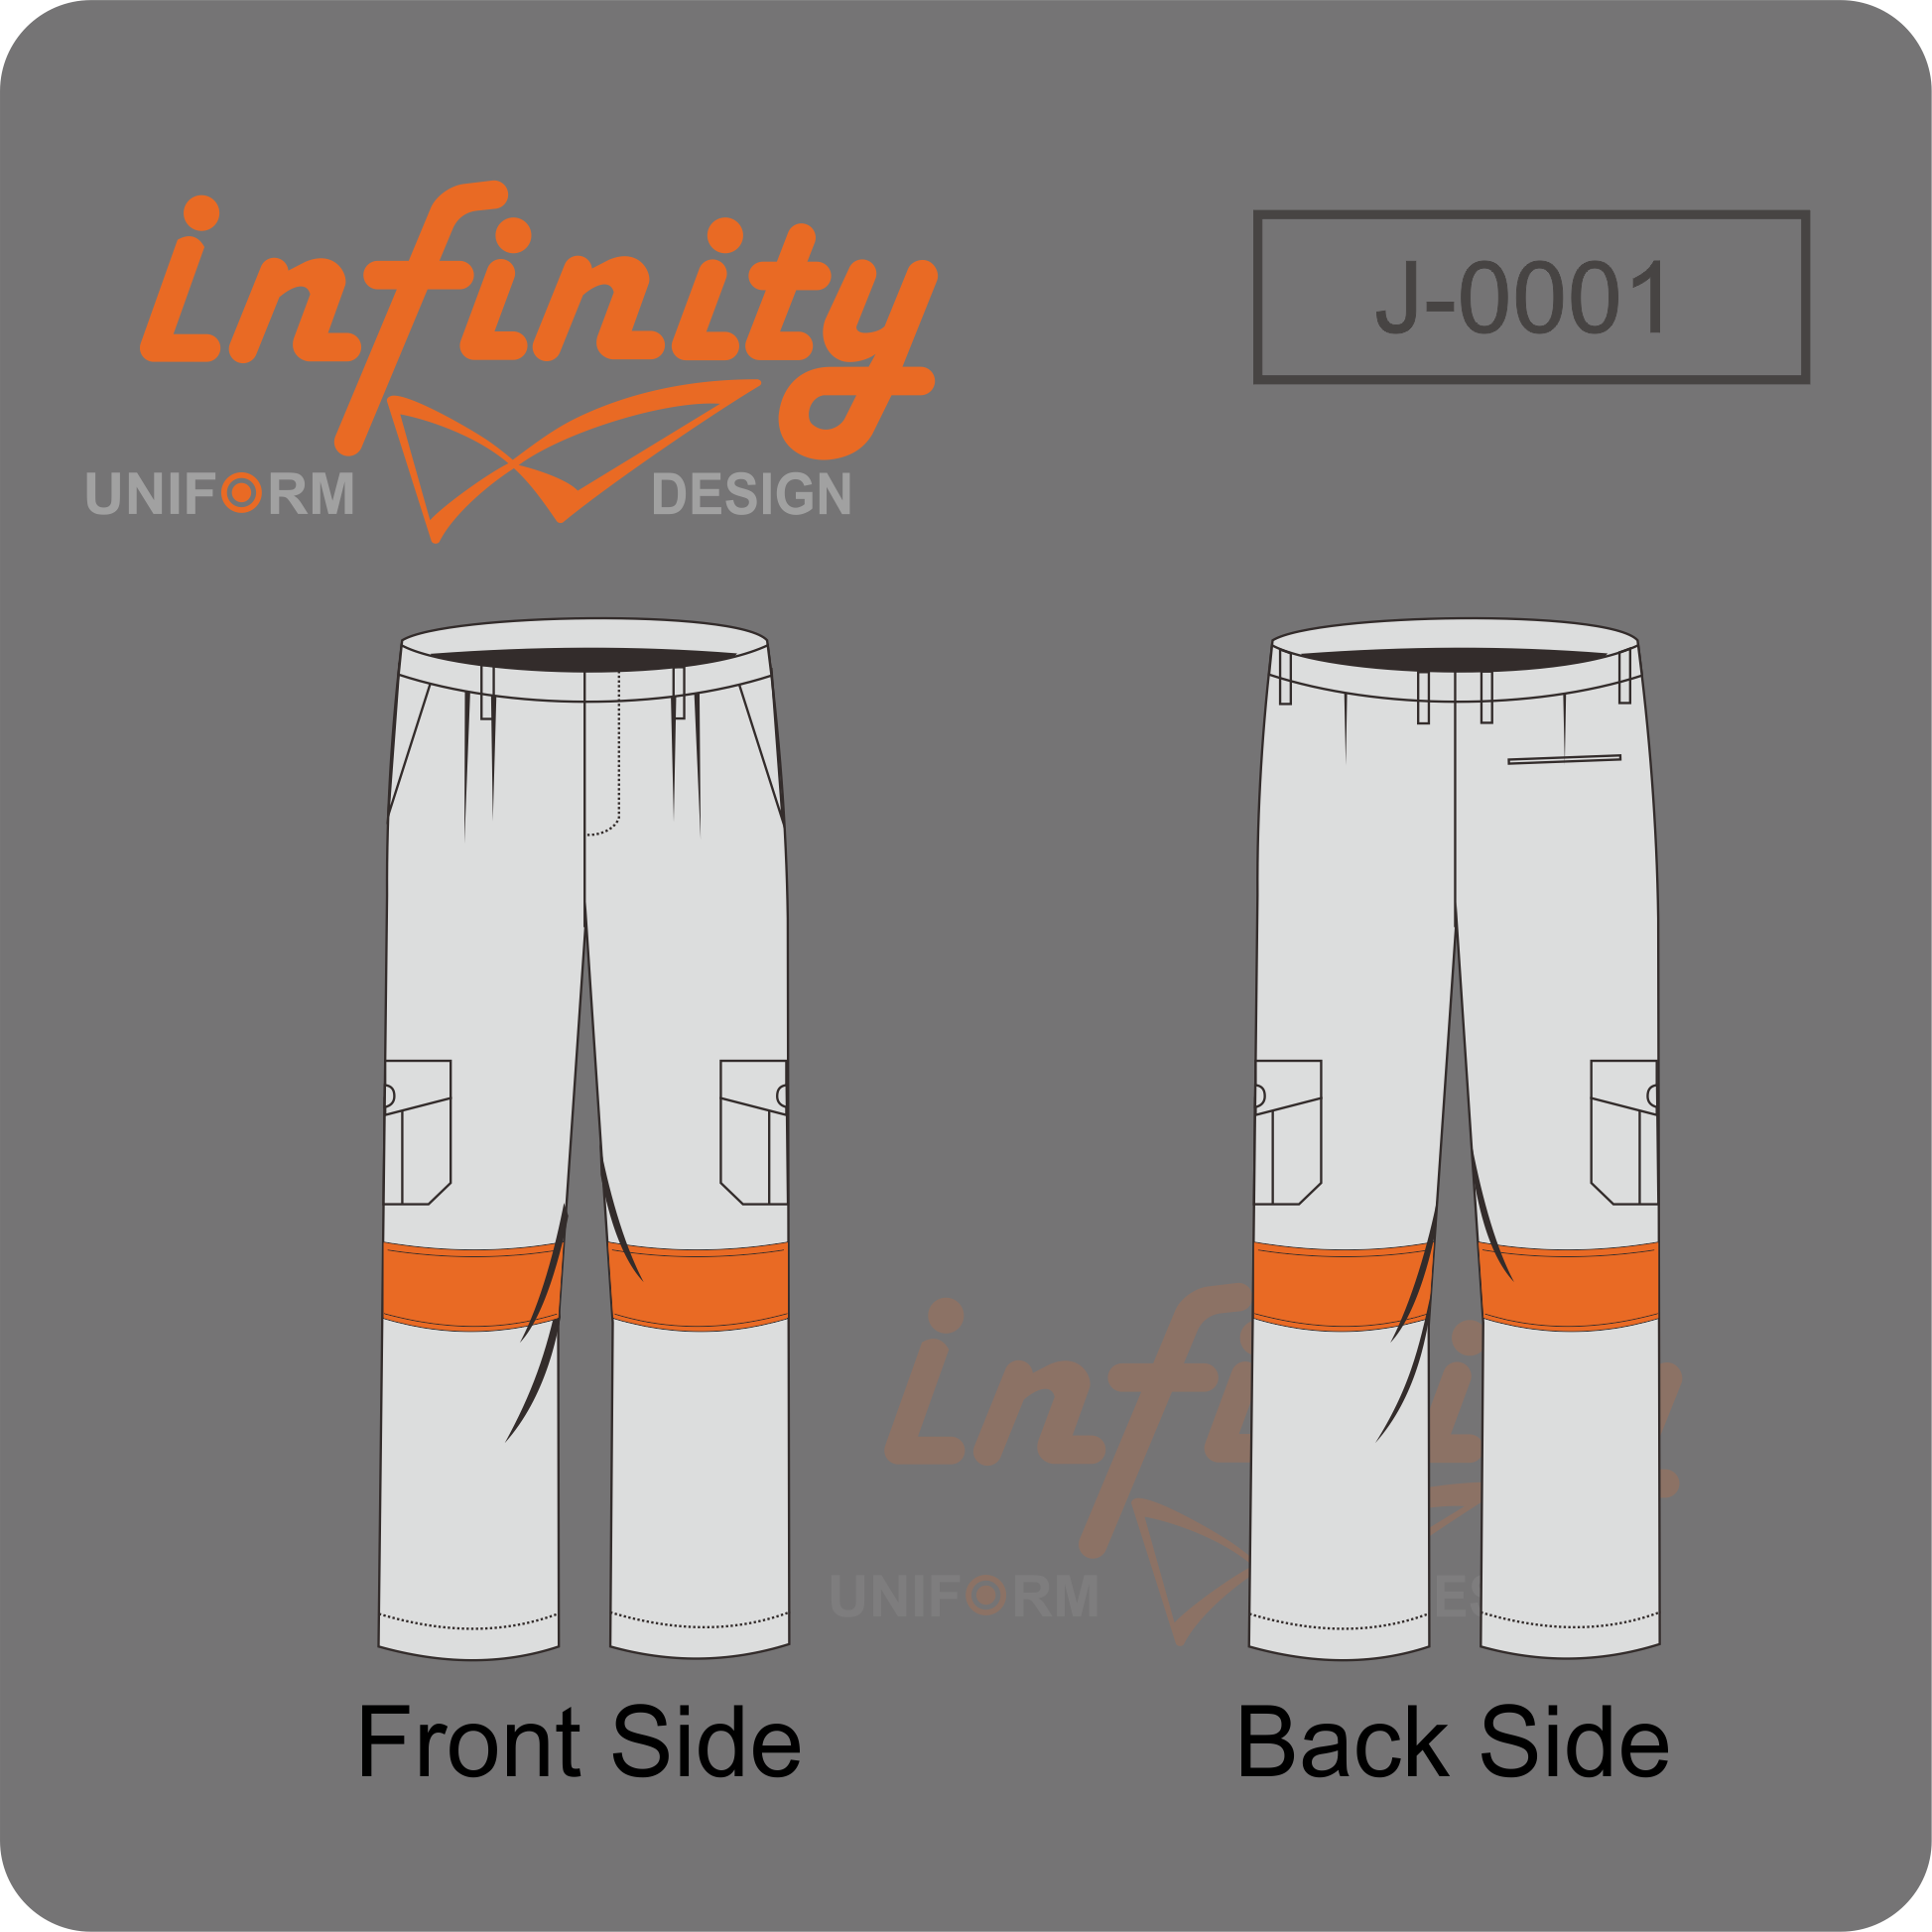 แบบกางเกงขายาว รับสั่งผลิตเสื้อยูนิฟอร์ม เสื้อโปโล เสื้อยืด ชุดกีฬา ราคาถูก